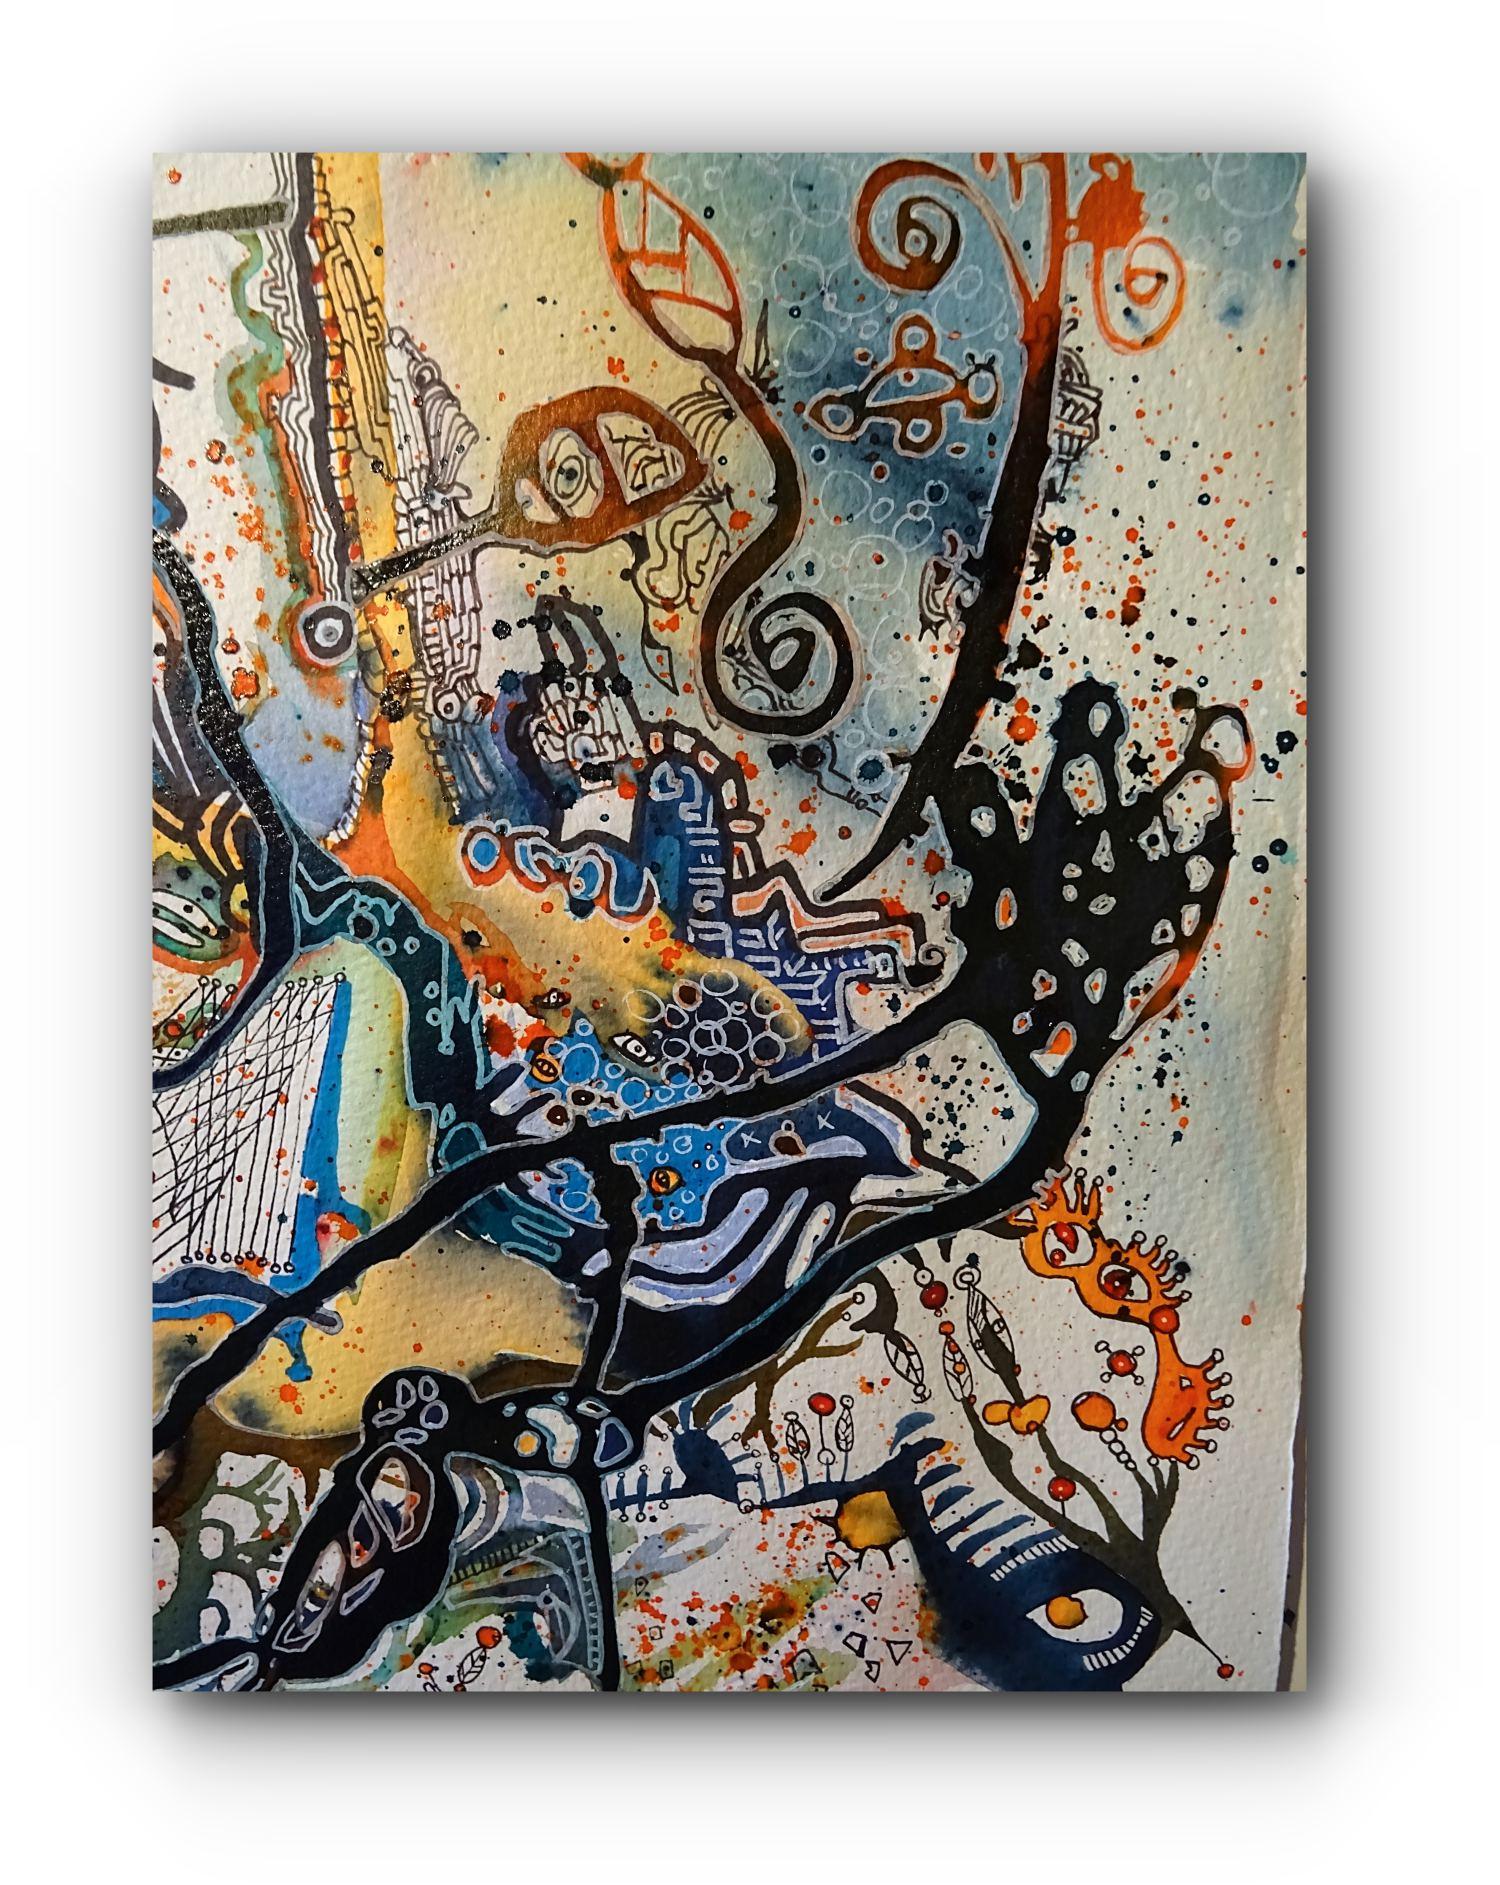 painting-detail-8-riverworld-artist-duo-ingress-vortices.jpg